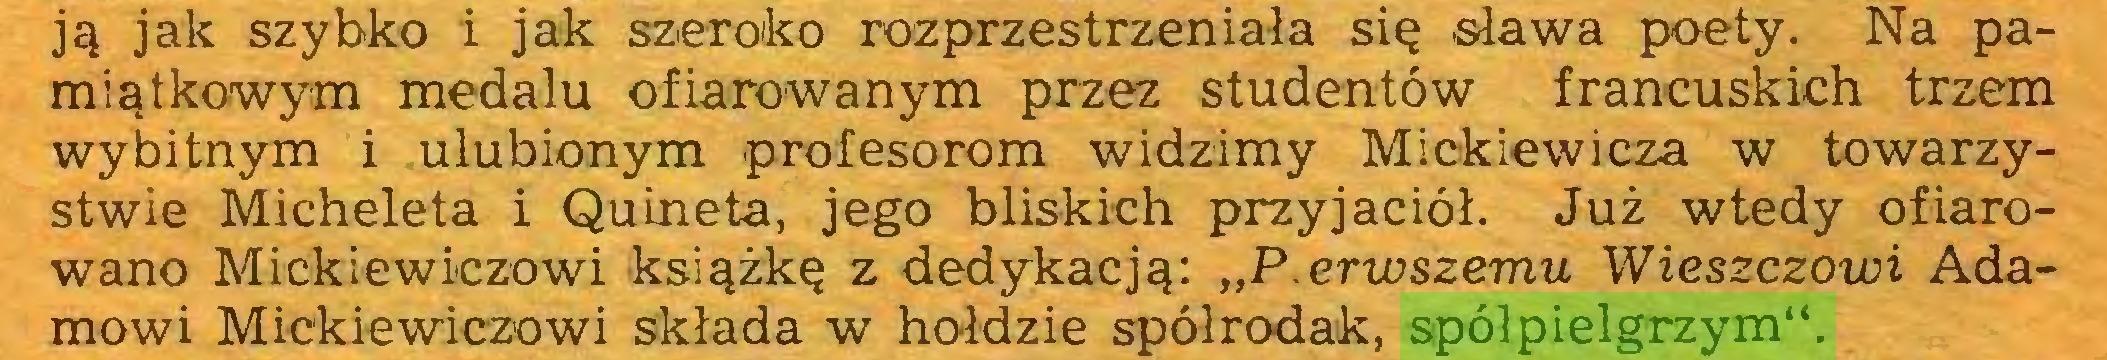 """(...) ją jak szybko i jak szeroko rozprzestrzeniała się sława poety. Na pamiątkowym medalu ofiarowanym przez studentów francuskich trzem wybitnym i ulubionym profesorom widzimy Mickiewicza w towarzystwie Micheleta i Quineta, jego bliskich przyjaciół. Już wtedy ofiarowano Mickiewiczowi książkę z dedykacją: """"P.erwszemu Wieszczowi Adamowi Mickiewiczowi składa w hołdzie spółrodak, spółpielgrzym""""..."""